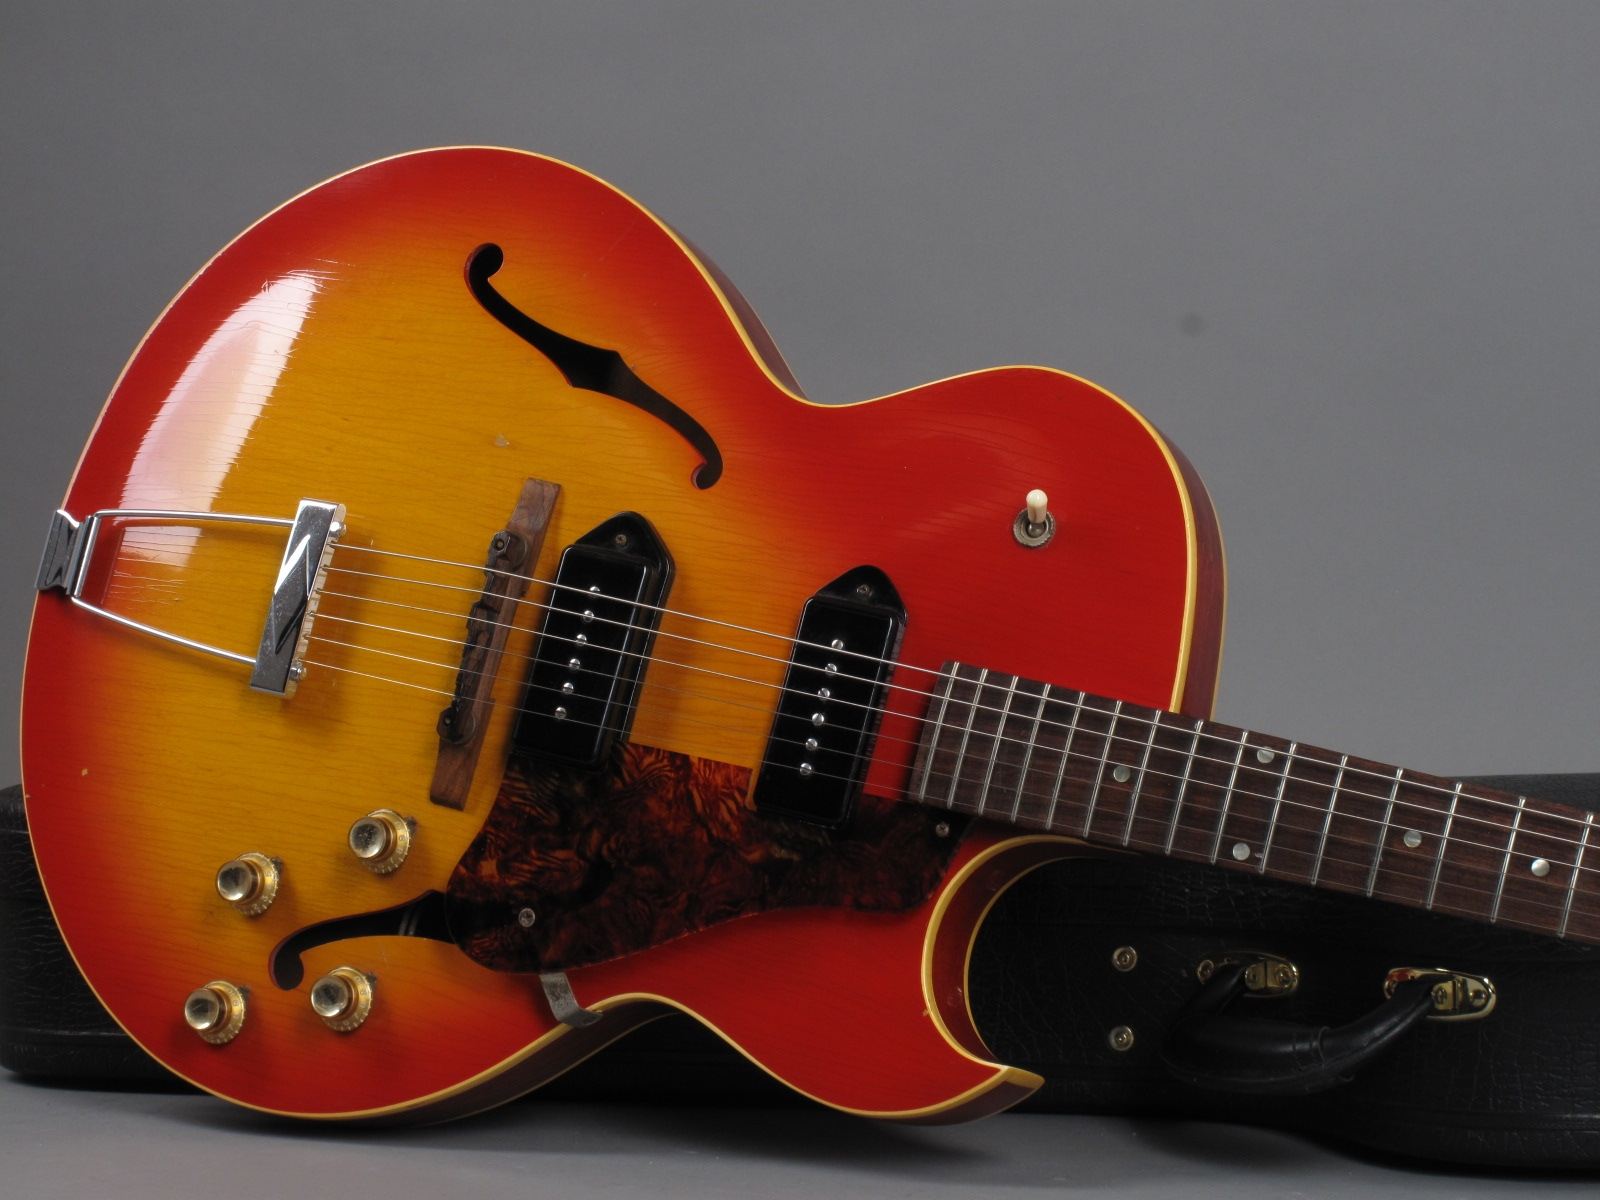 https://guitarpoint.de/app/uploads/products/1967-gibson-es-125-td-cherry-sunburst/1966-Gibson-ES-125-TDC-Sunburst-847379_191.jpg